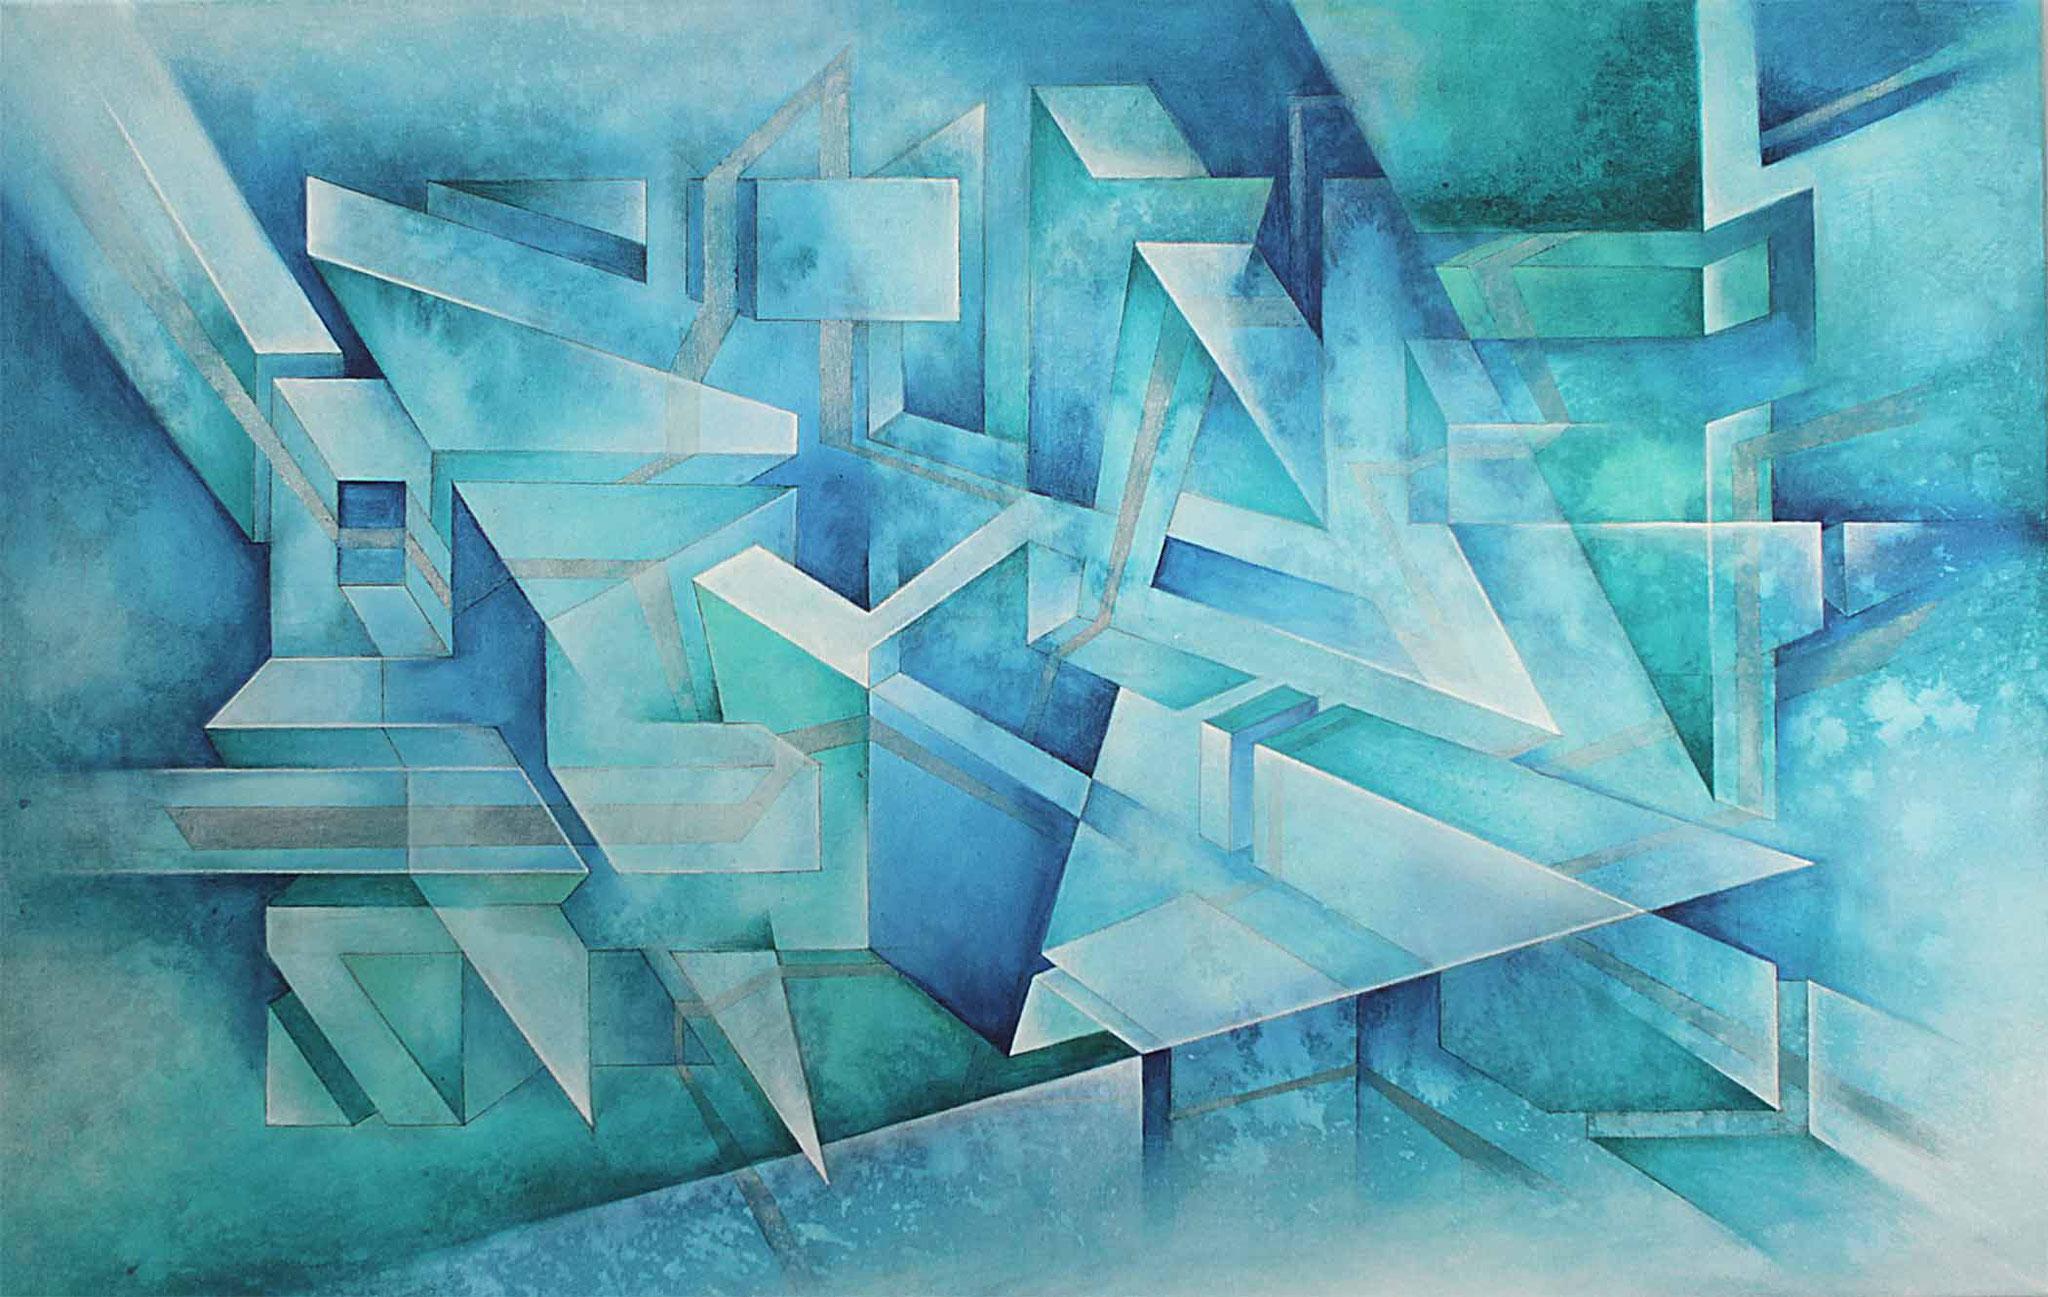 konstruktivistische Gemälde Komposition in türkis und Blautönen